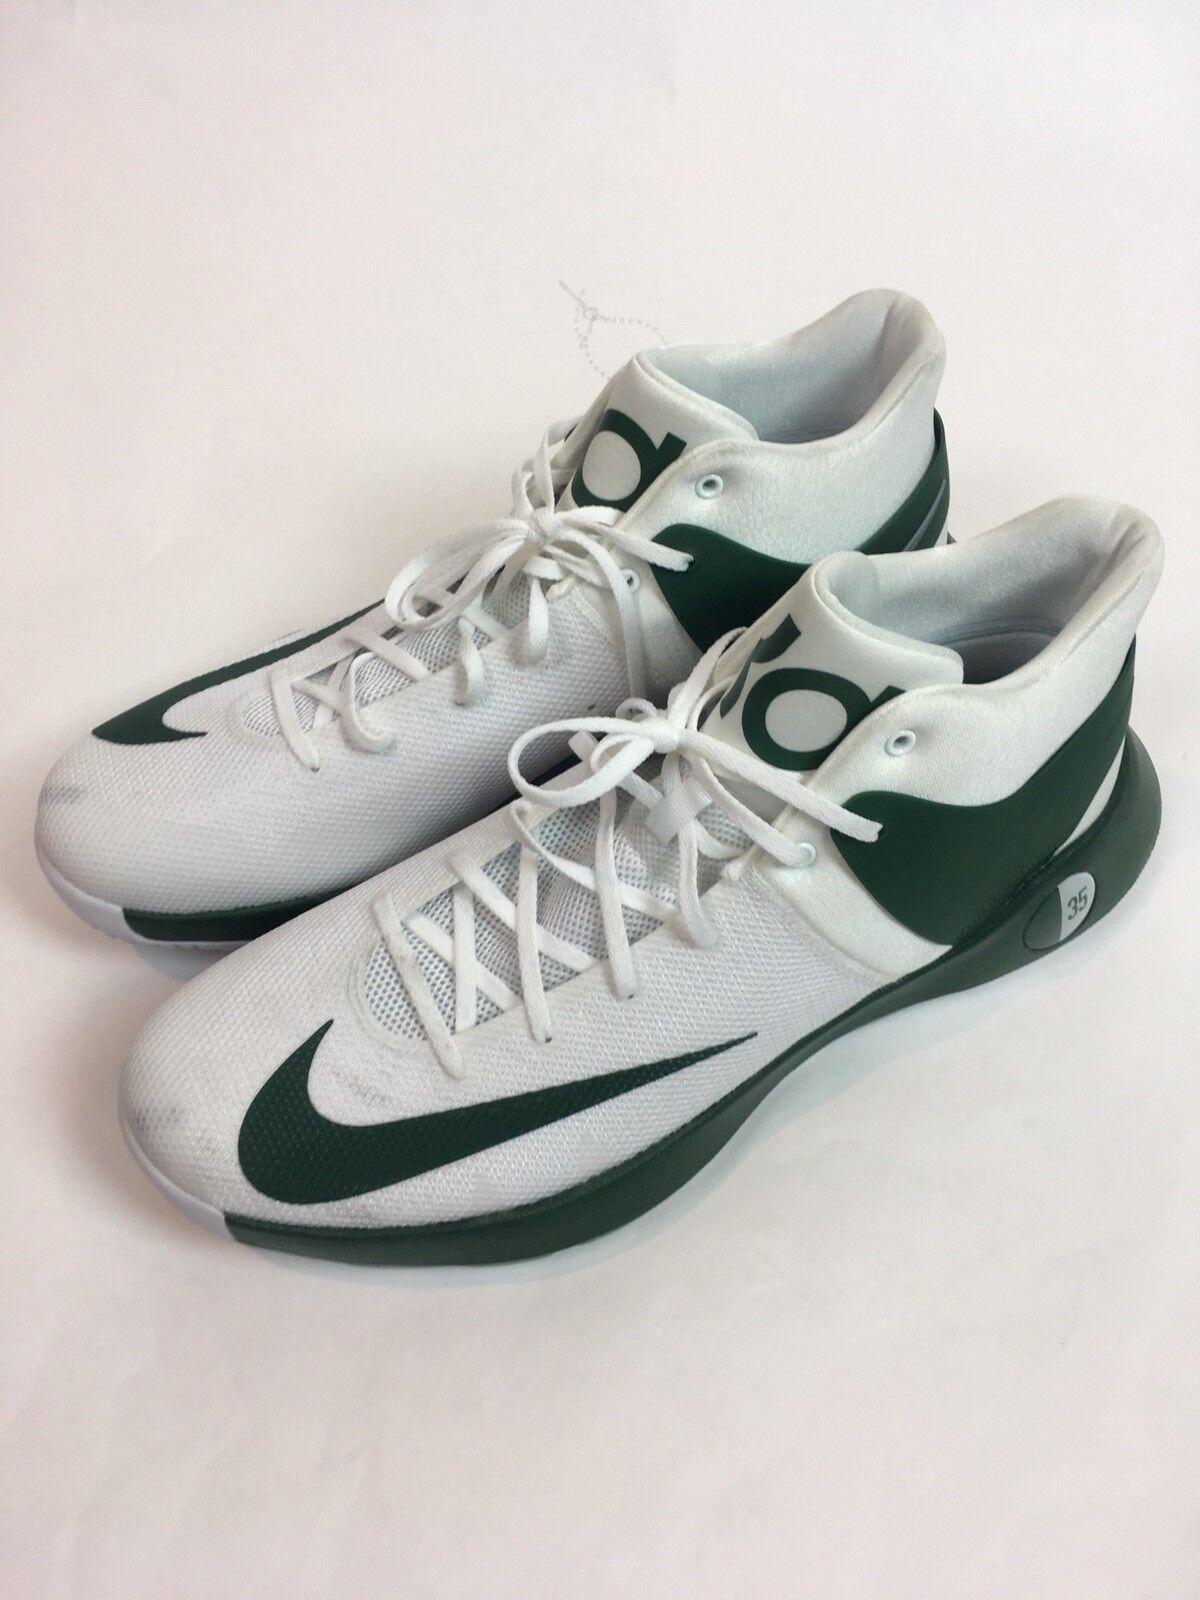 Men's Nike KD Basketball Shoes - 2018 - Comfortable